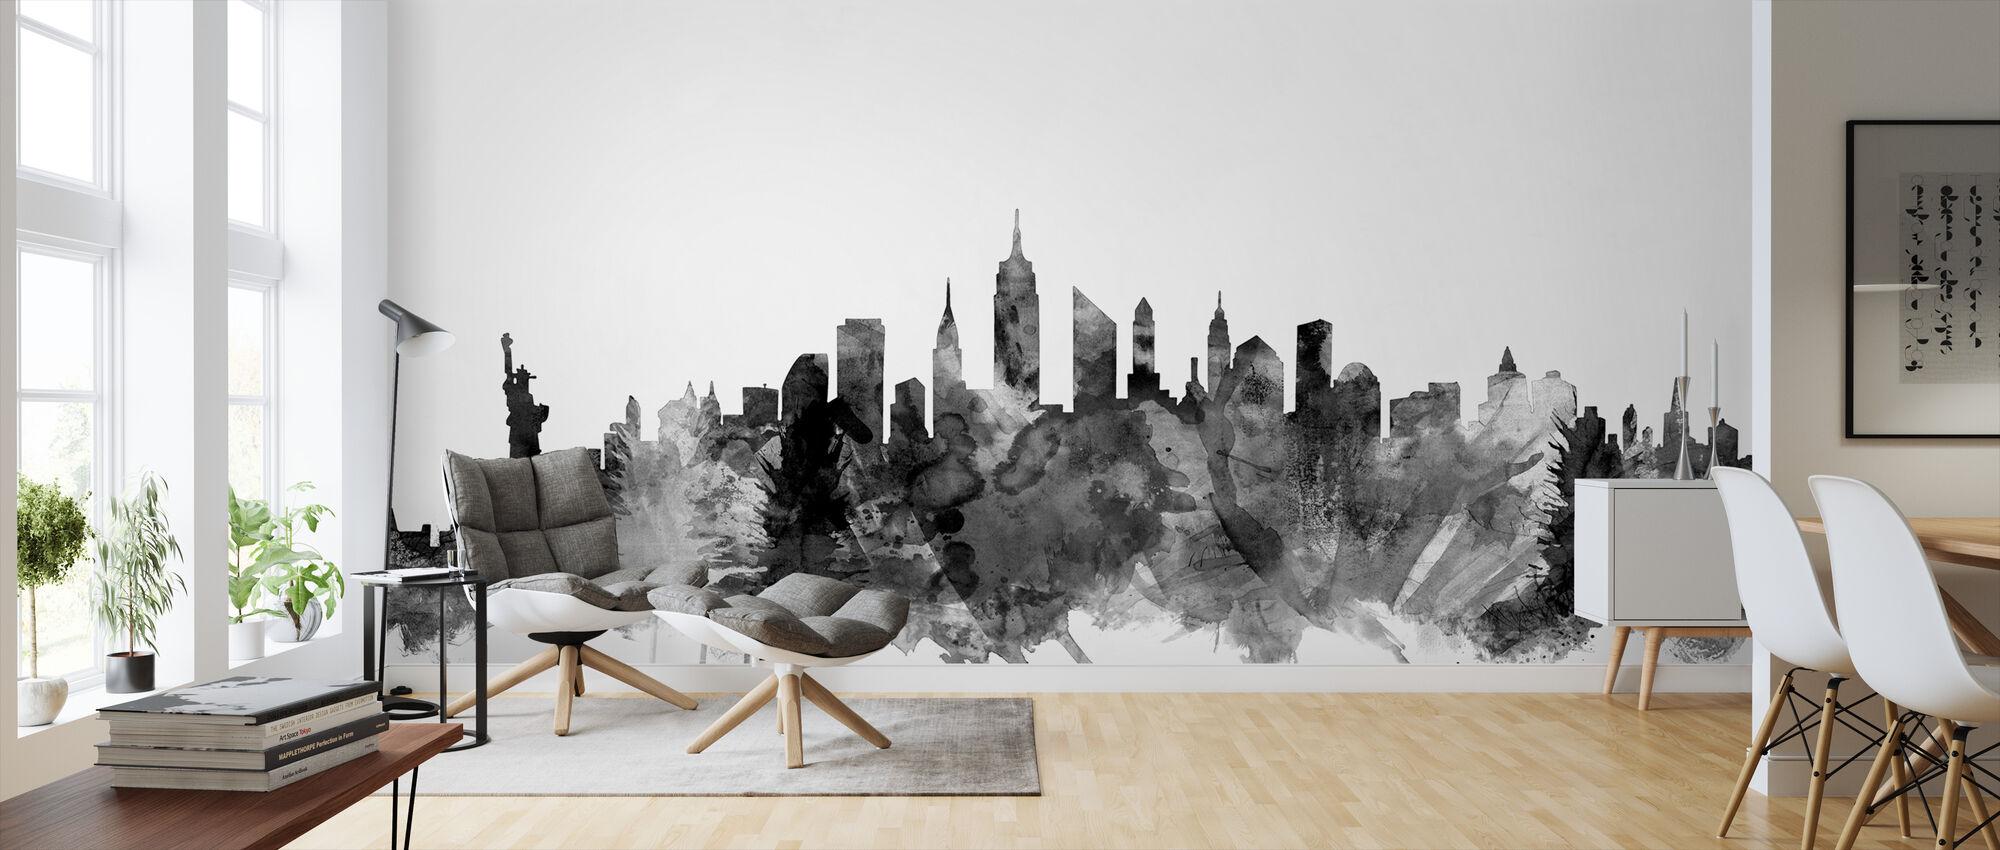 New York City Skyline Black 2 - Wallpaper - Living Room